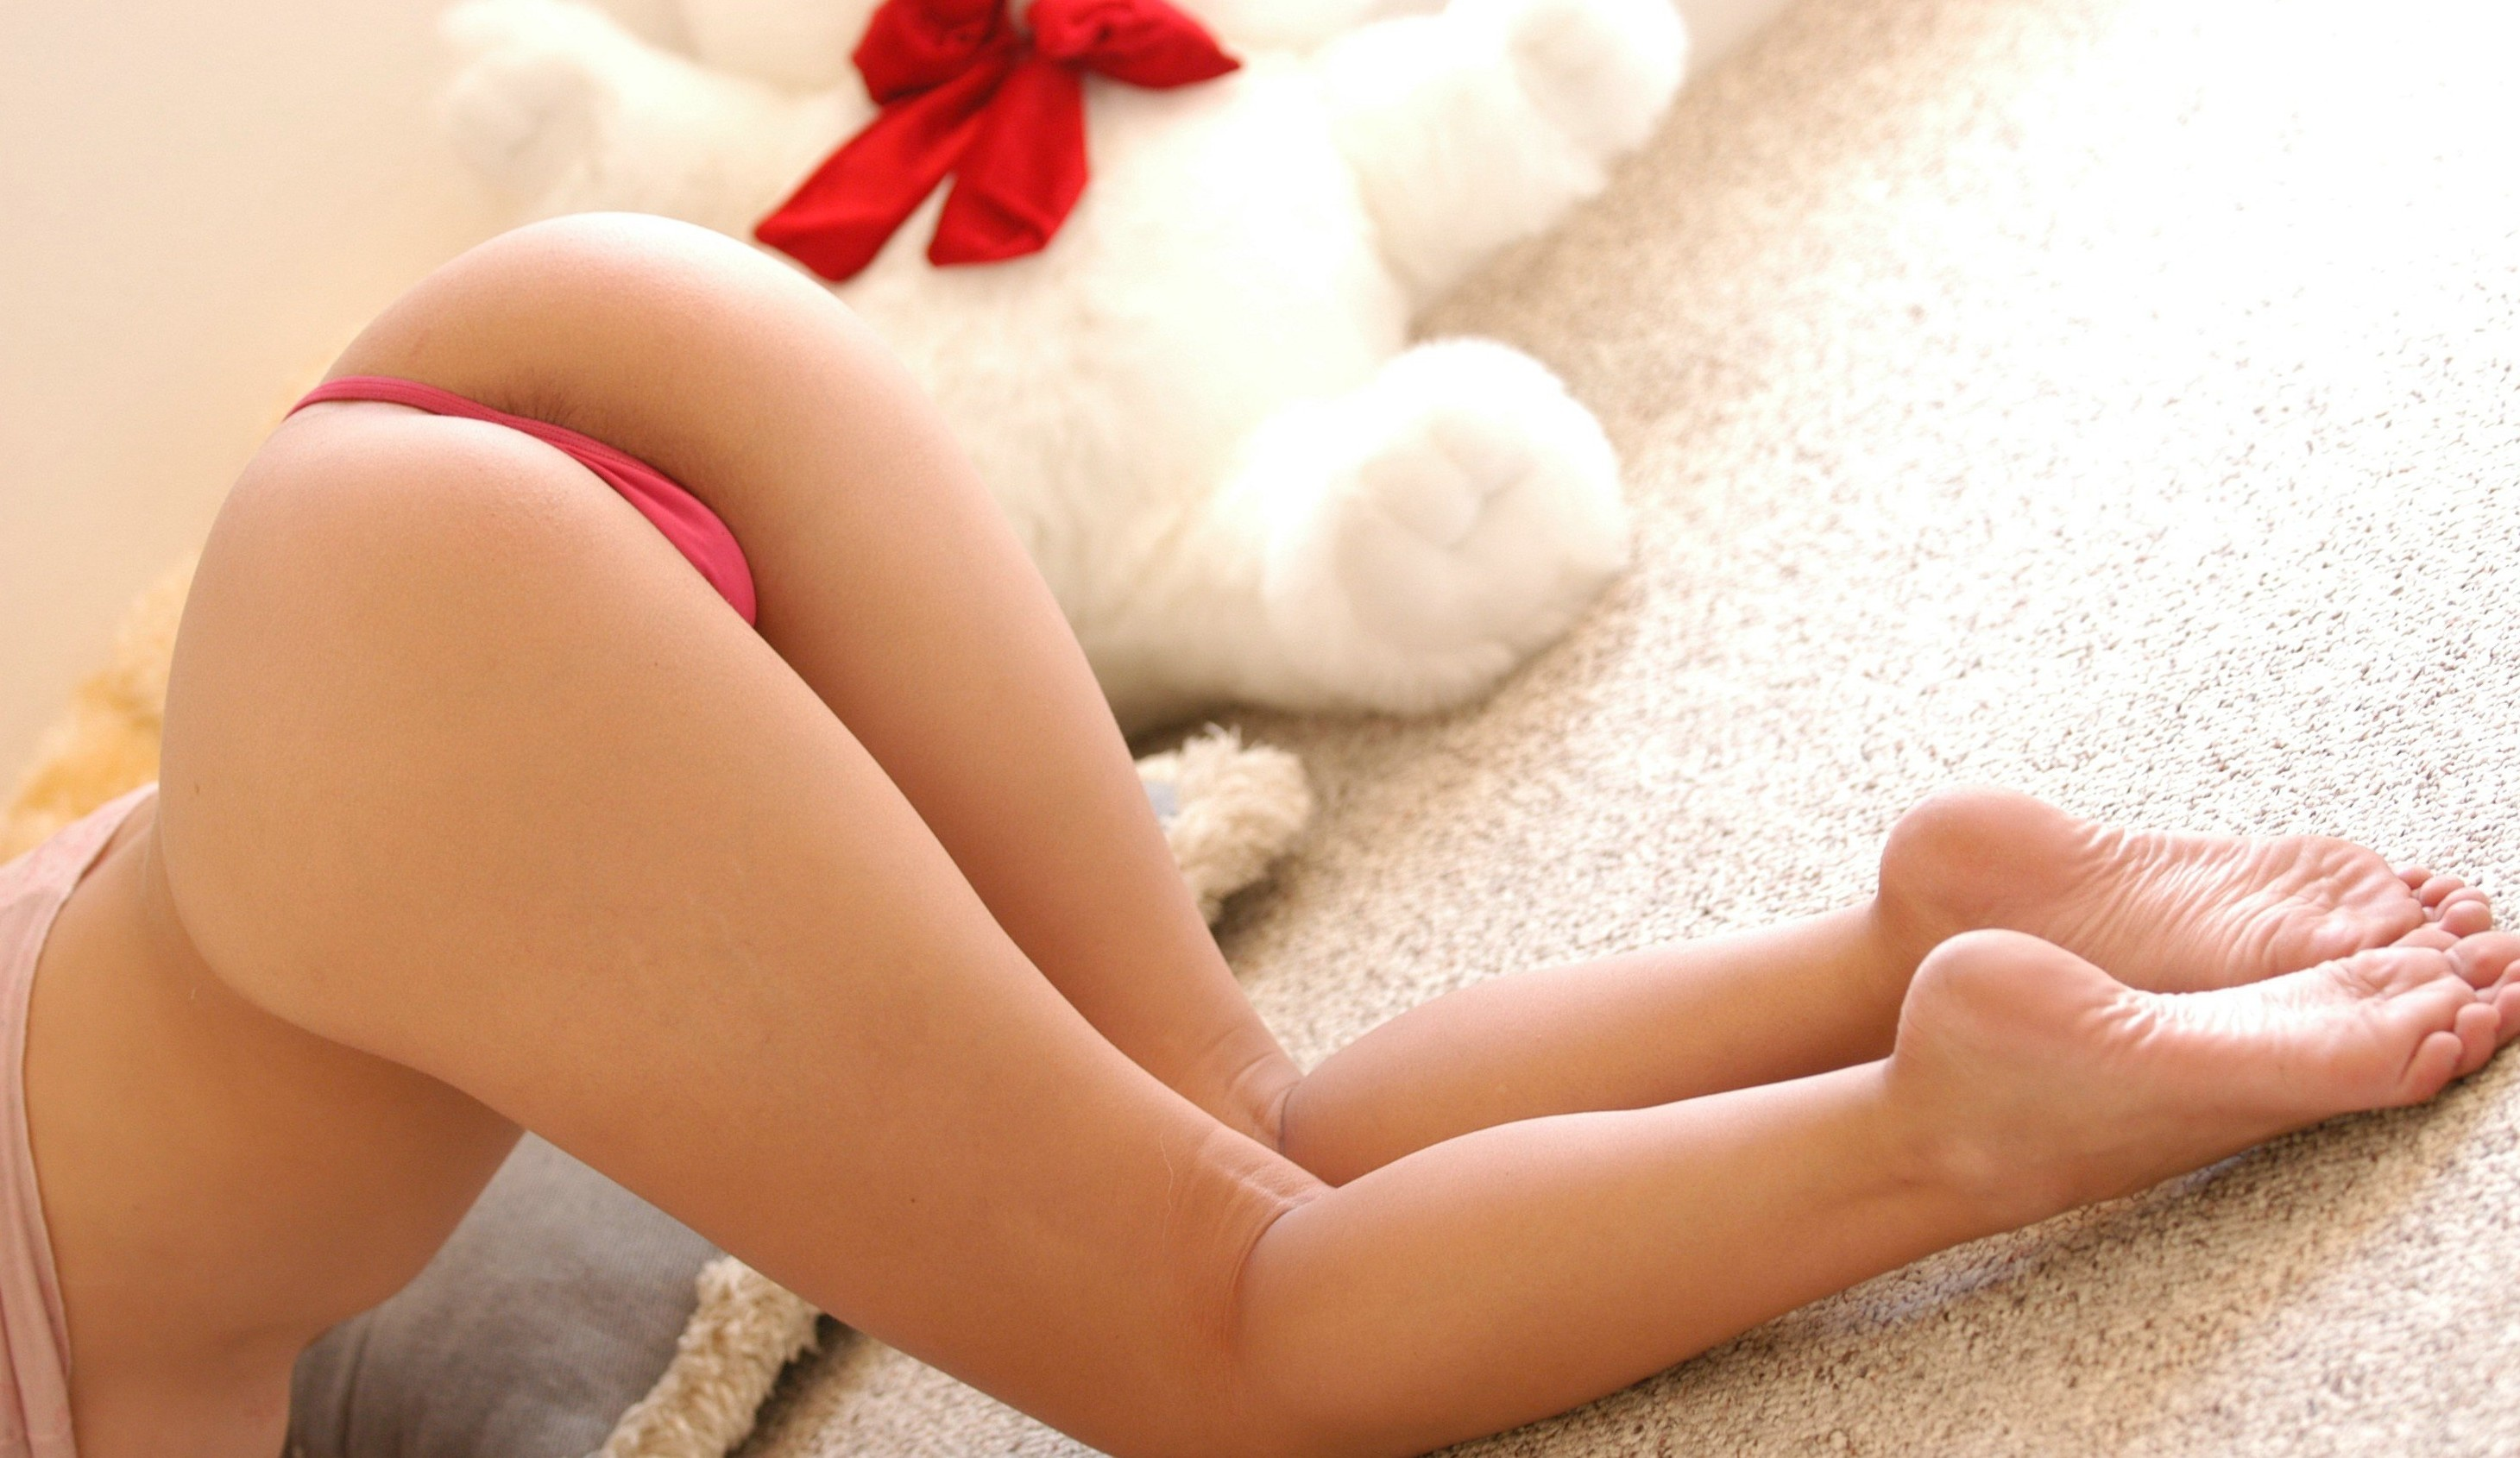 devushki-s-seksualnimi-nogami-foto